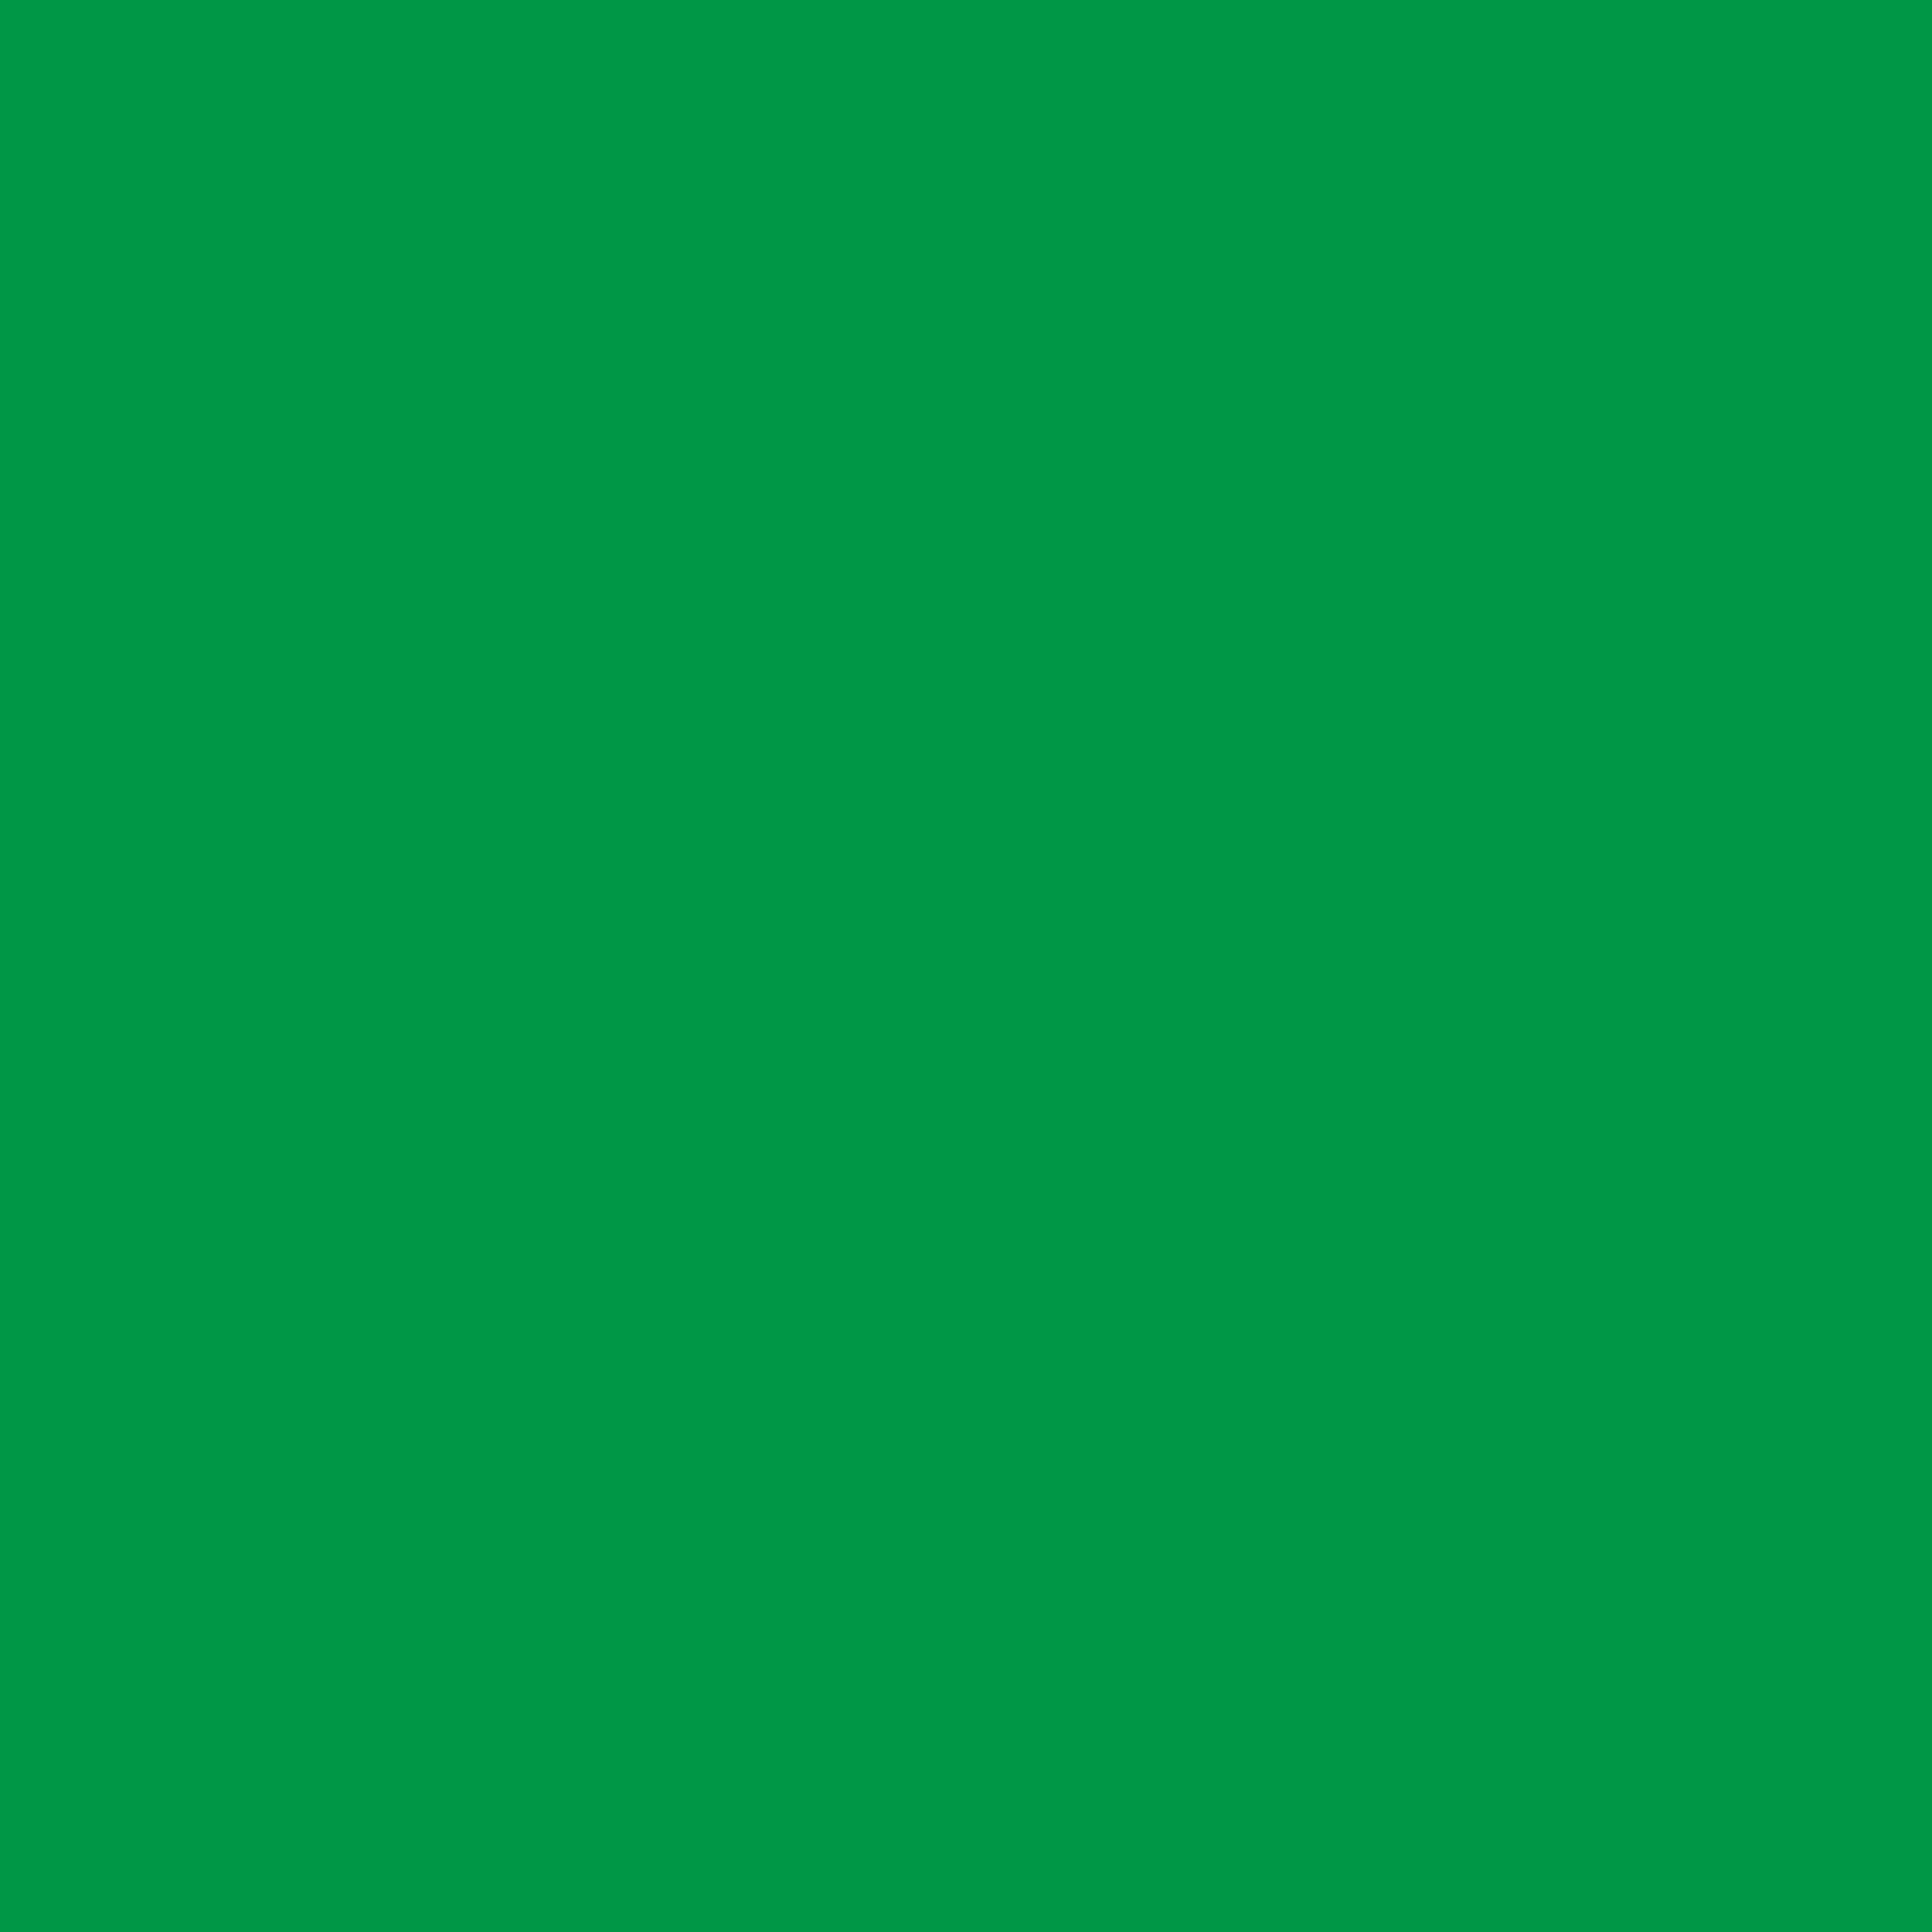 Jagdgrün